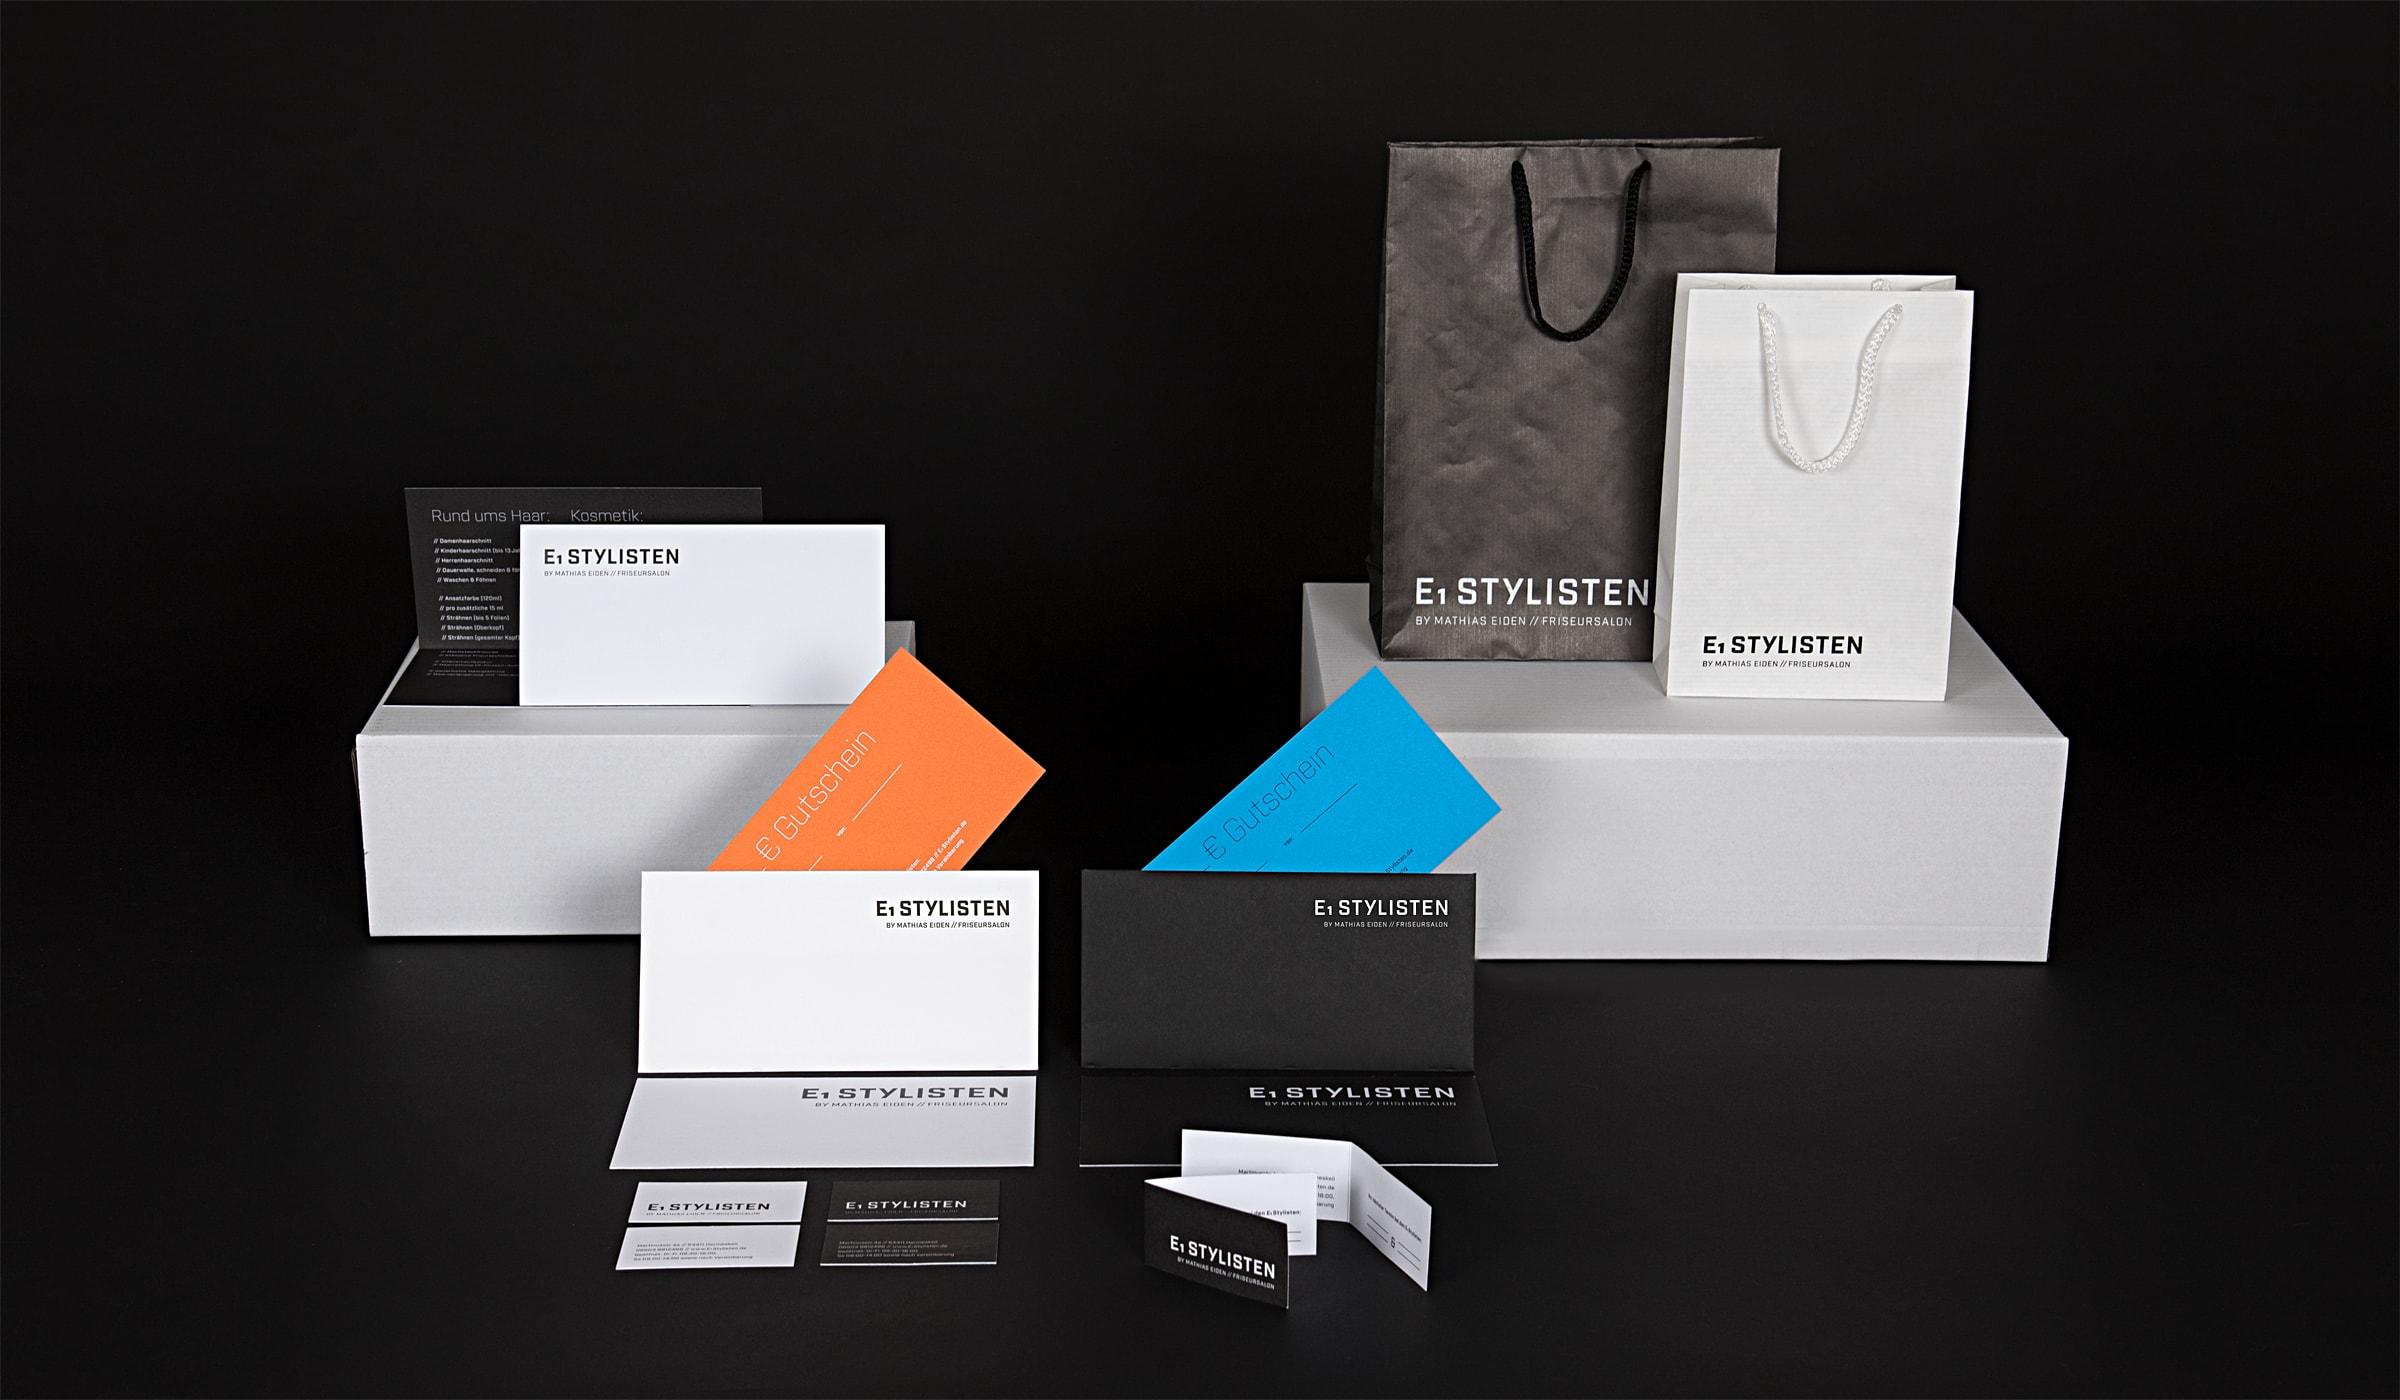 Corporate Design für einen Friseur in Hermeskeil. Werbung und Grafikdesign erstellt durch die Werbeagentur mieker - Konzept Design Strategie. Das visuelle Erscheinungsbild des Stylisten zeigt sich primär in Schwarz und Weiß. Die Sekundärfarben sind Orange und Blau. Alle Printmedien folgen dem Werbekonzept. Der Werbeauftritt umfasst des Weiteren Visitenkarten, Briefpapier, Briefumschläge sowie Design Textildruck und Werbemittel. Bestandteile des Branding: Corporate Design, Brand Design, Logodesign. Regionen: Hermeskeil, Trier, Saarbrücken, Luxemburg.